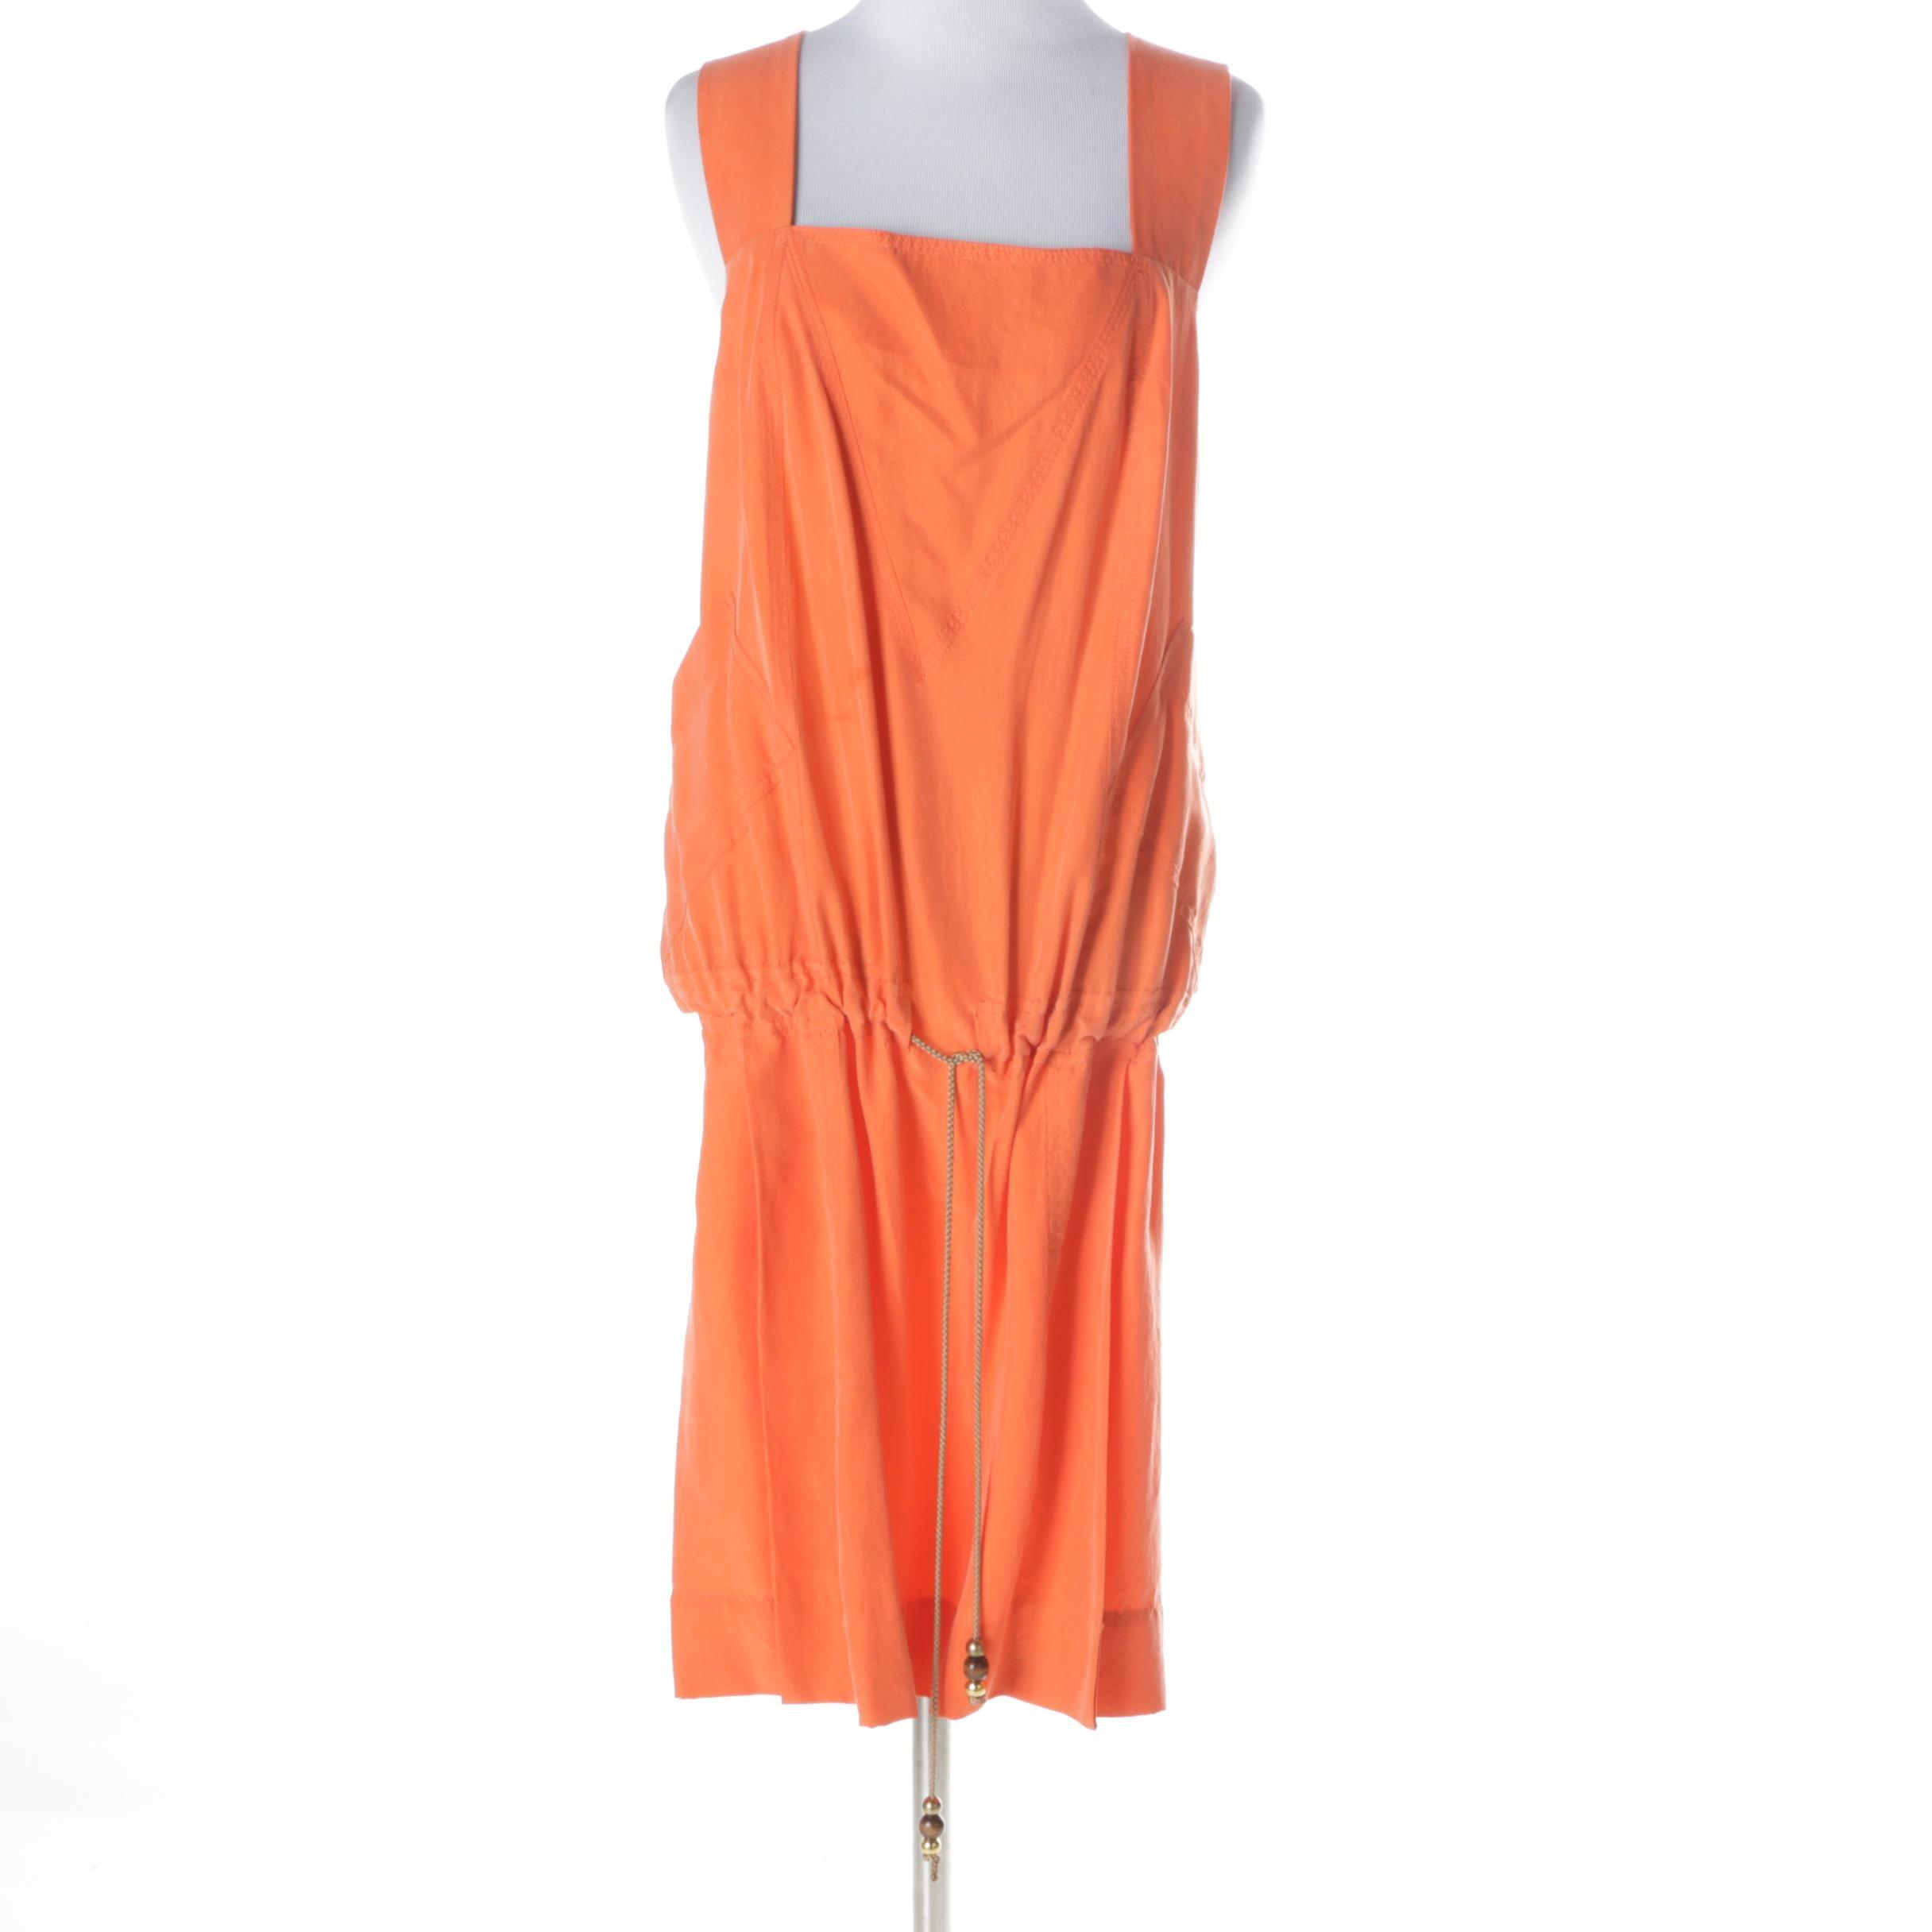 Diane von Furstenberg Silk Drawstring Dress